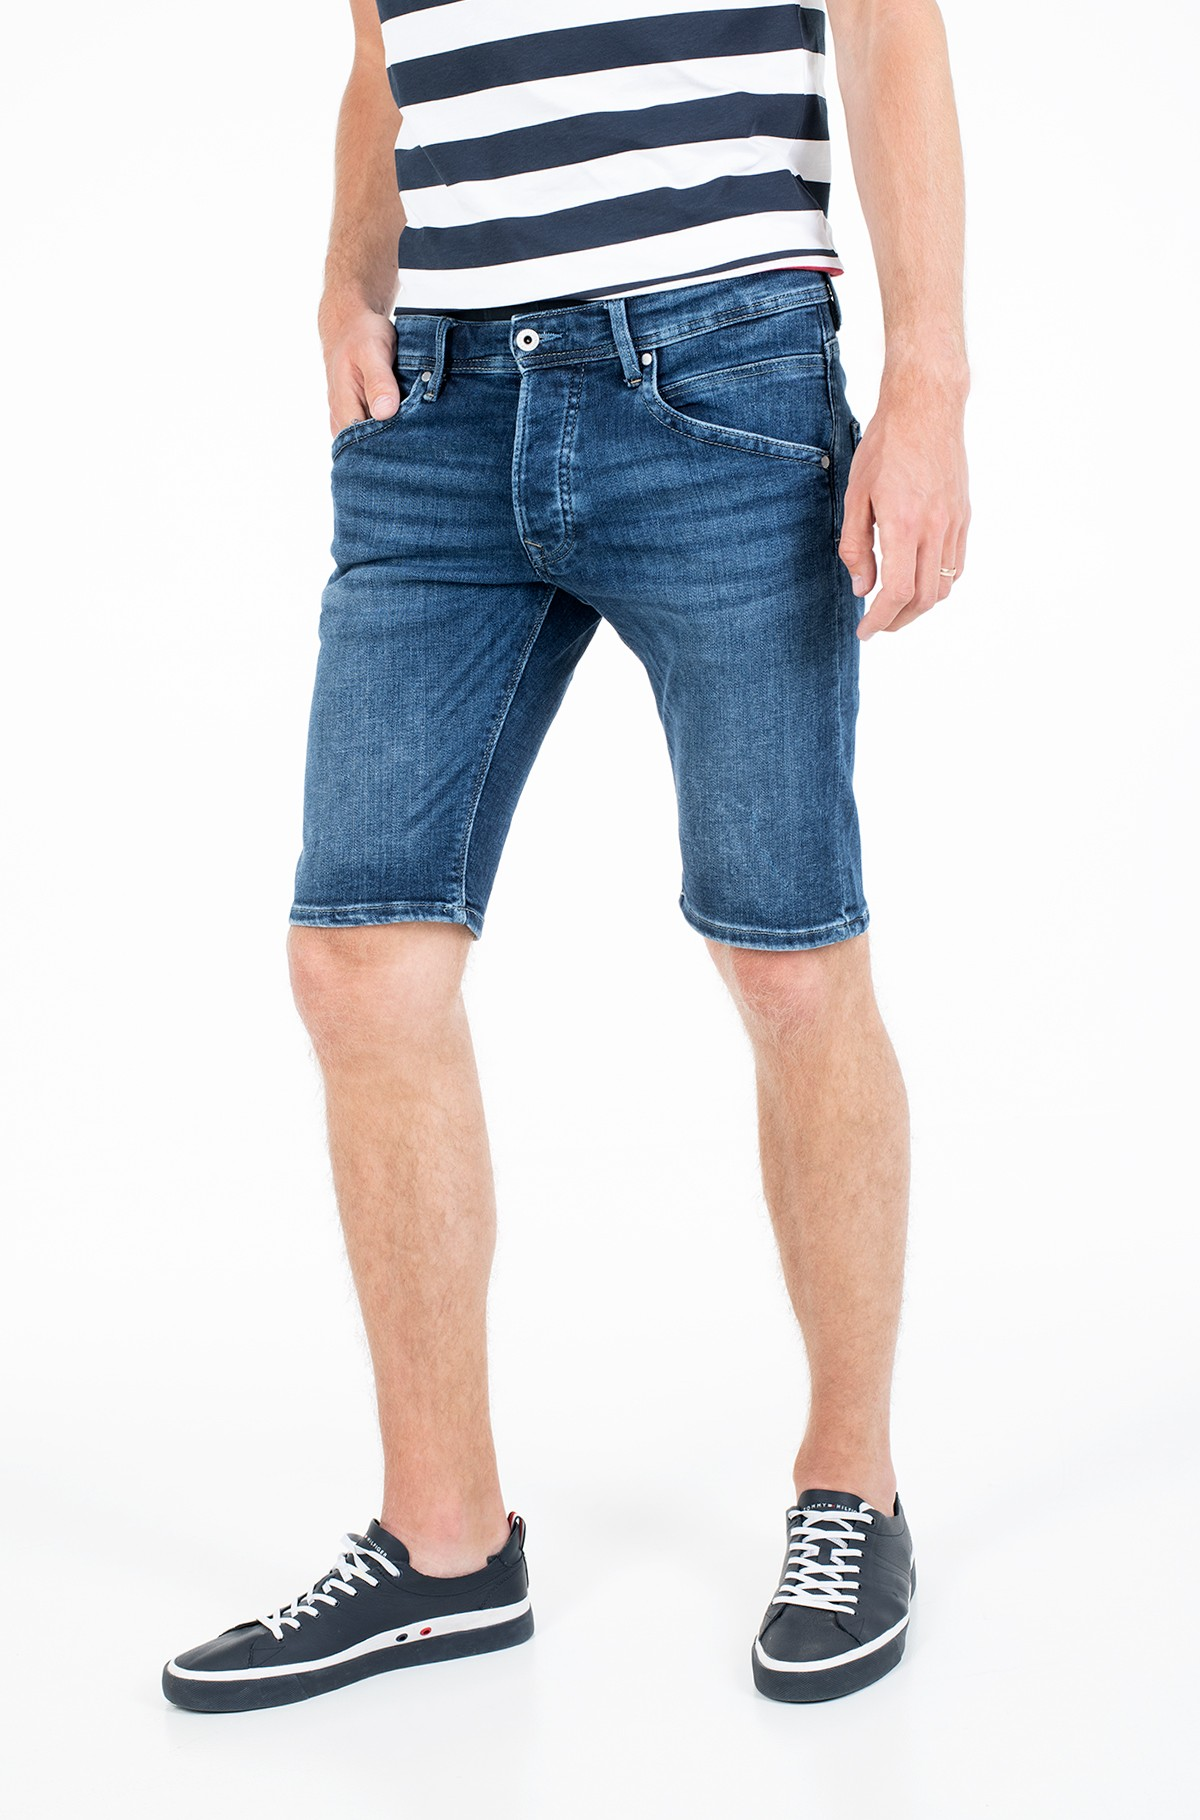 Lühikesed teksapüksid TRACK SHORT/PM800487NA7-full-1